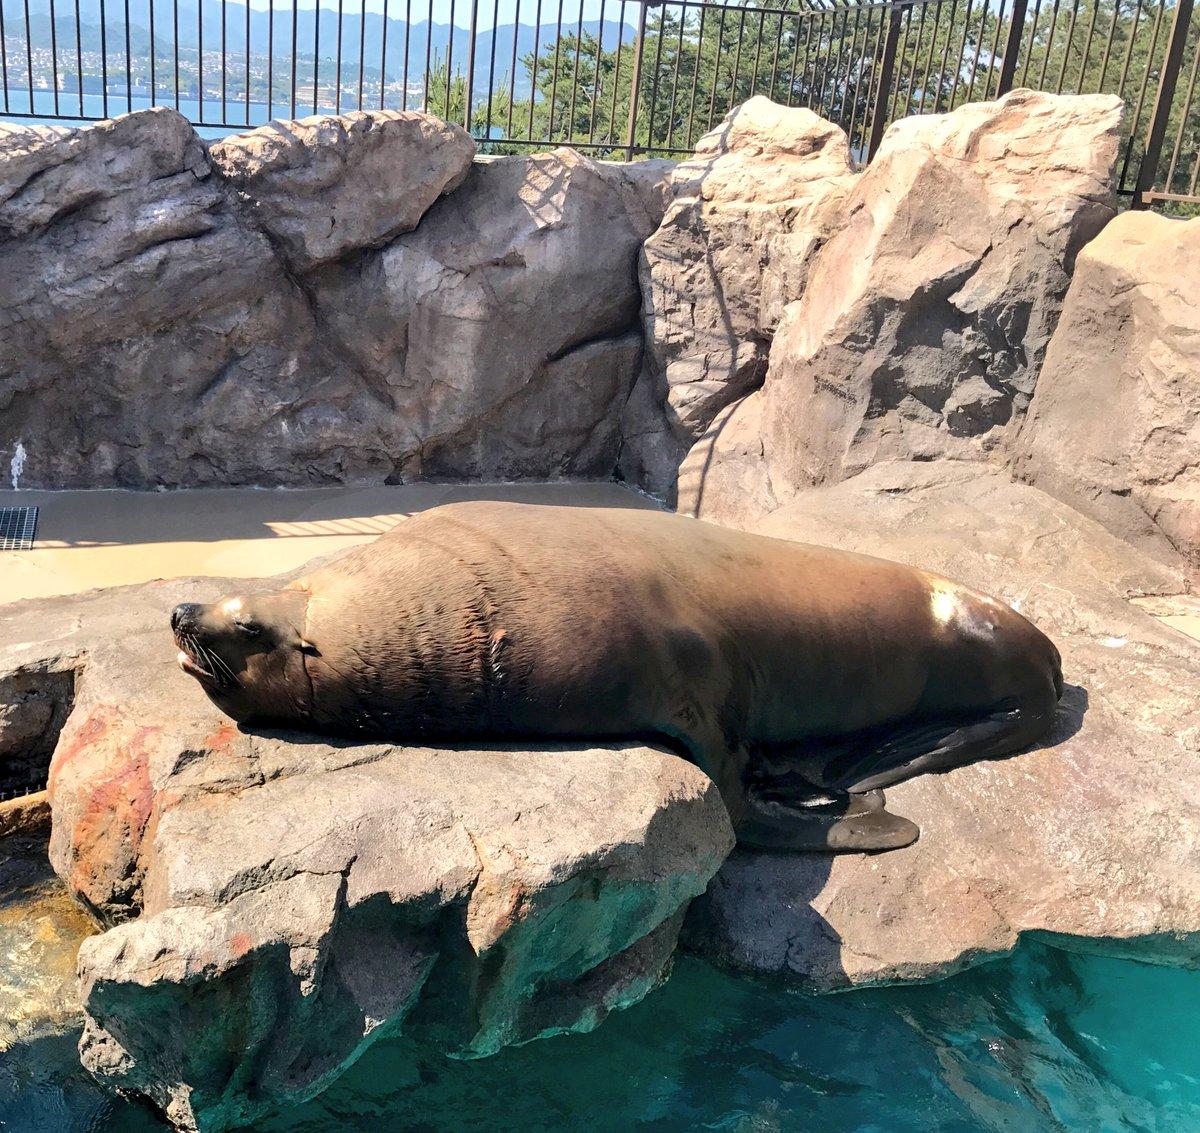 ねむねむねむ… この時間はなぜこんなに眠くなるのか… 頑張れ、わたし。 水族館で出会ったトドさん。 気持ちよさそう。わたしの抱き枕になってほしい。